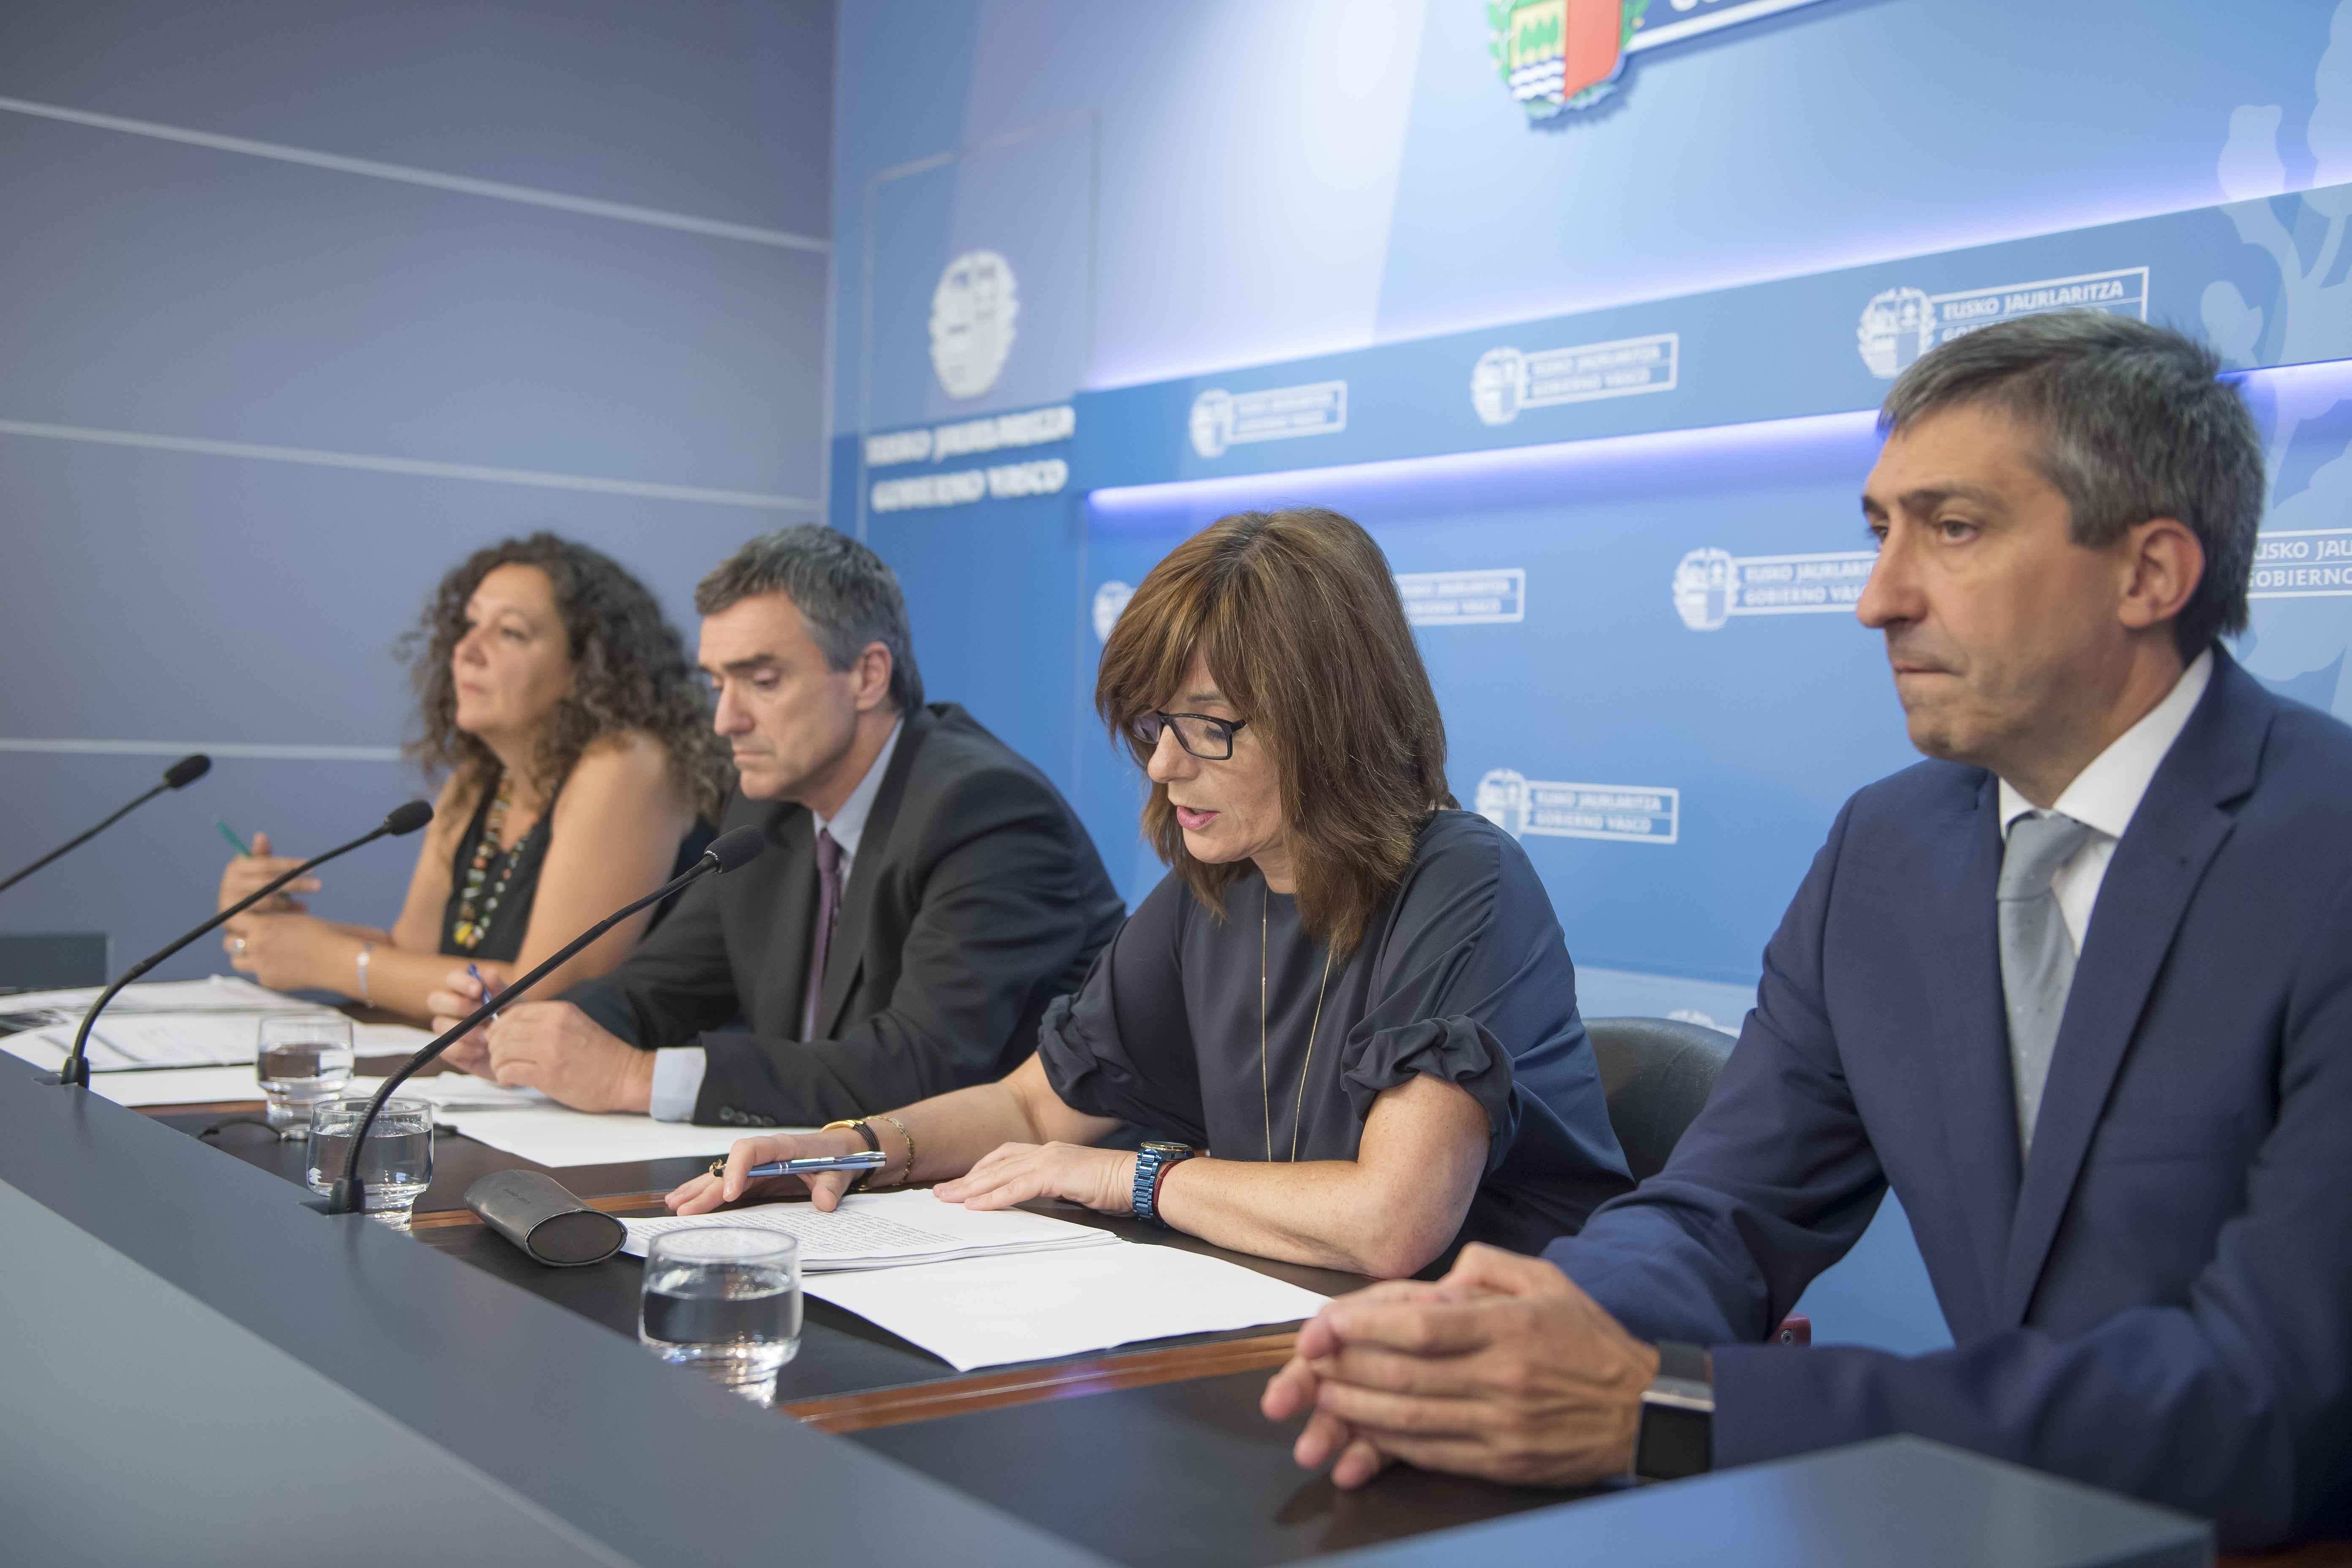 El Gobierno Vasco presenta un documento marco para orientar de forma compartida la respuesta a la crisis humanitaria en el Mediterráneo